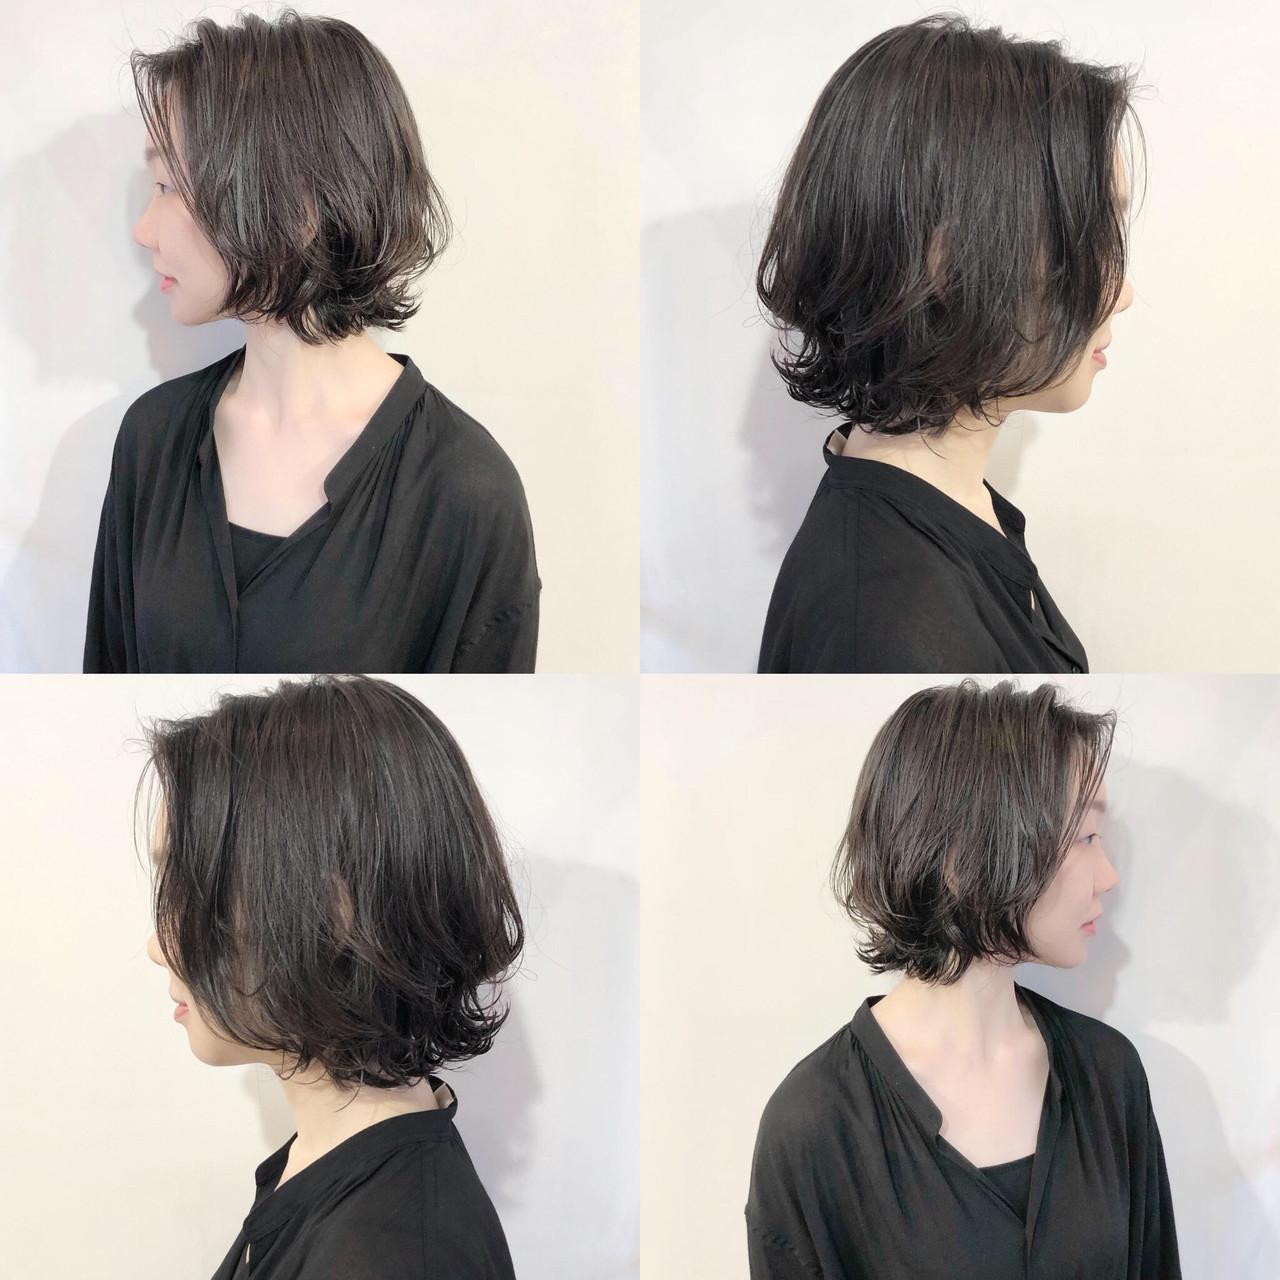 小顔ヘア 黒髪 小顔ショート 大人かわいい ヘアスタイルや髪型の写真・画像